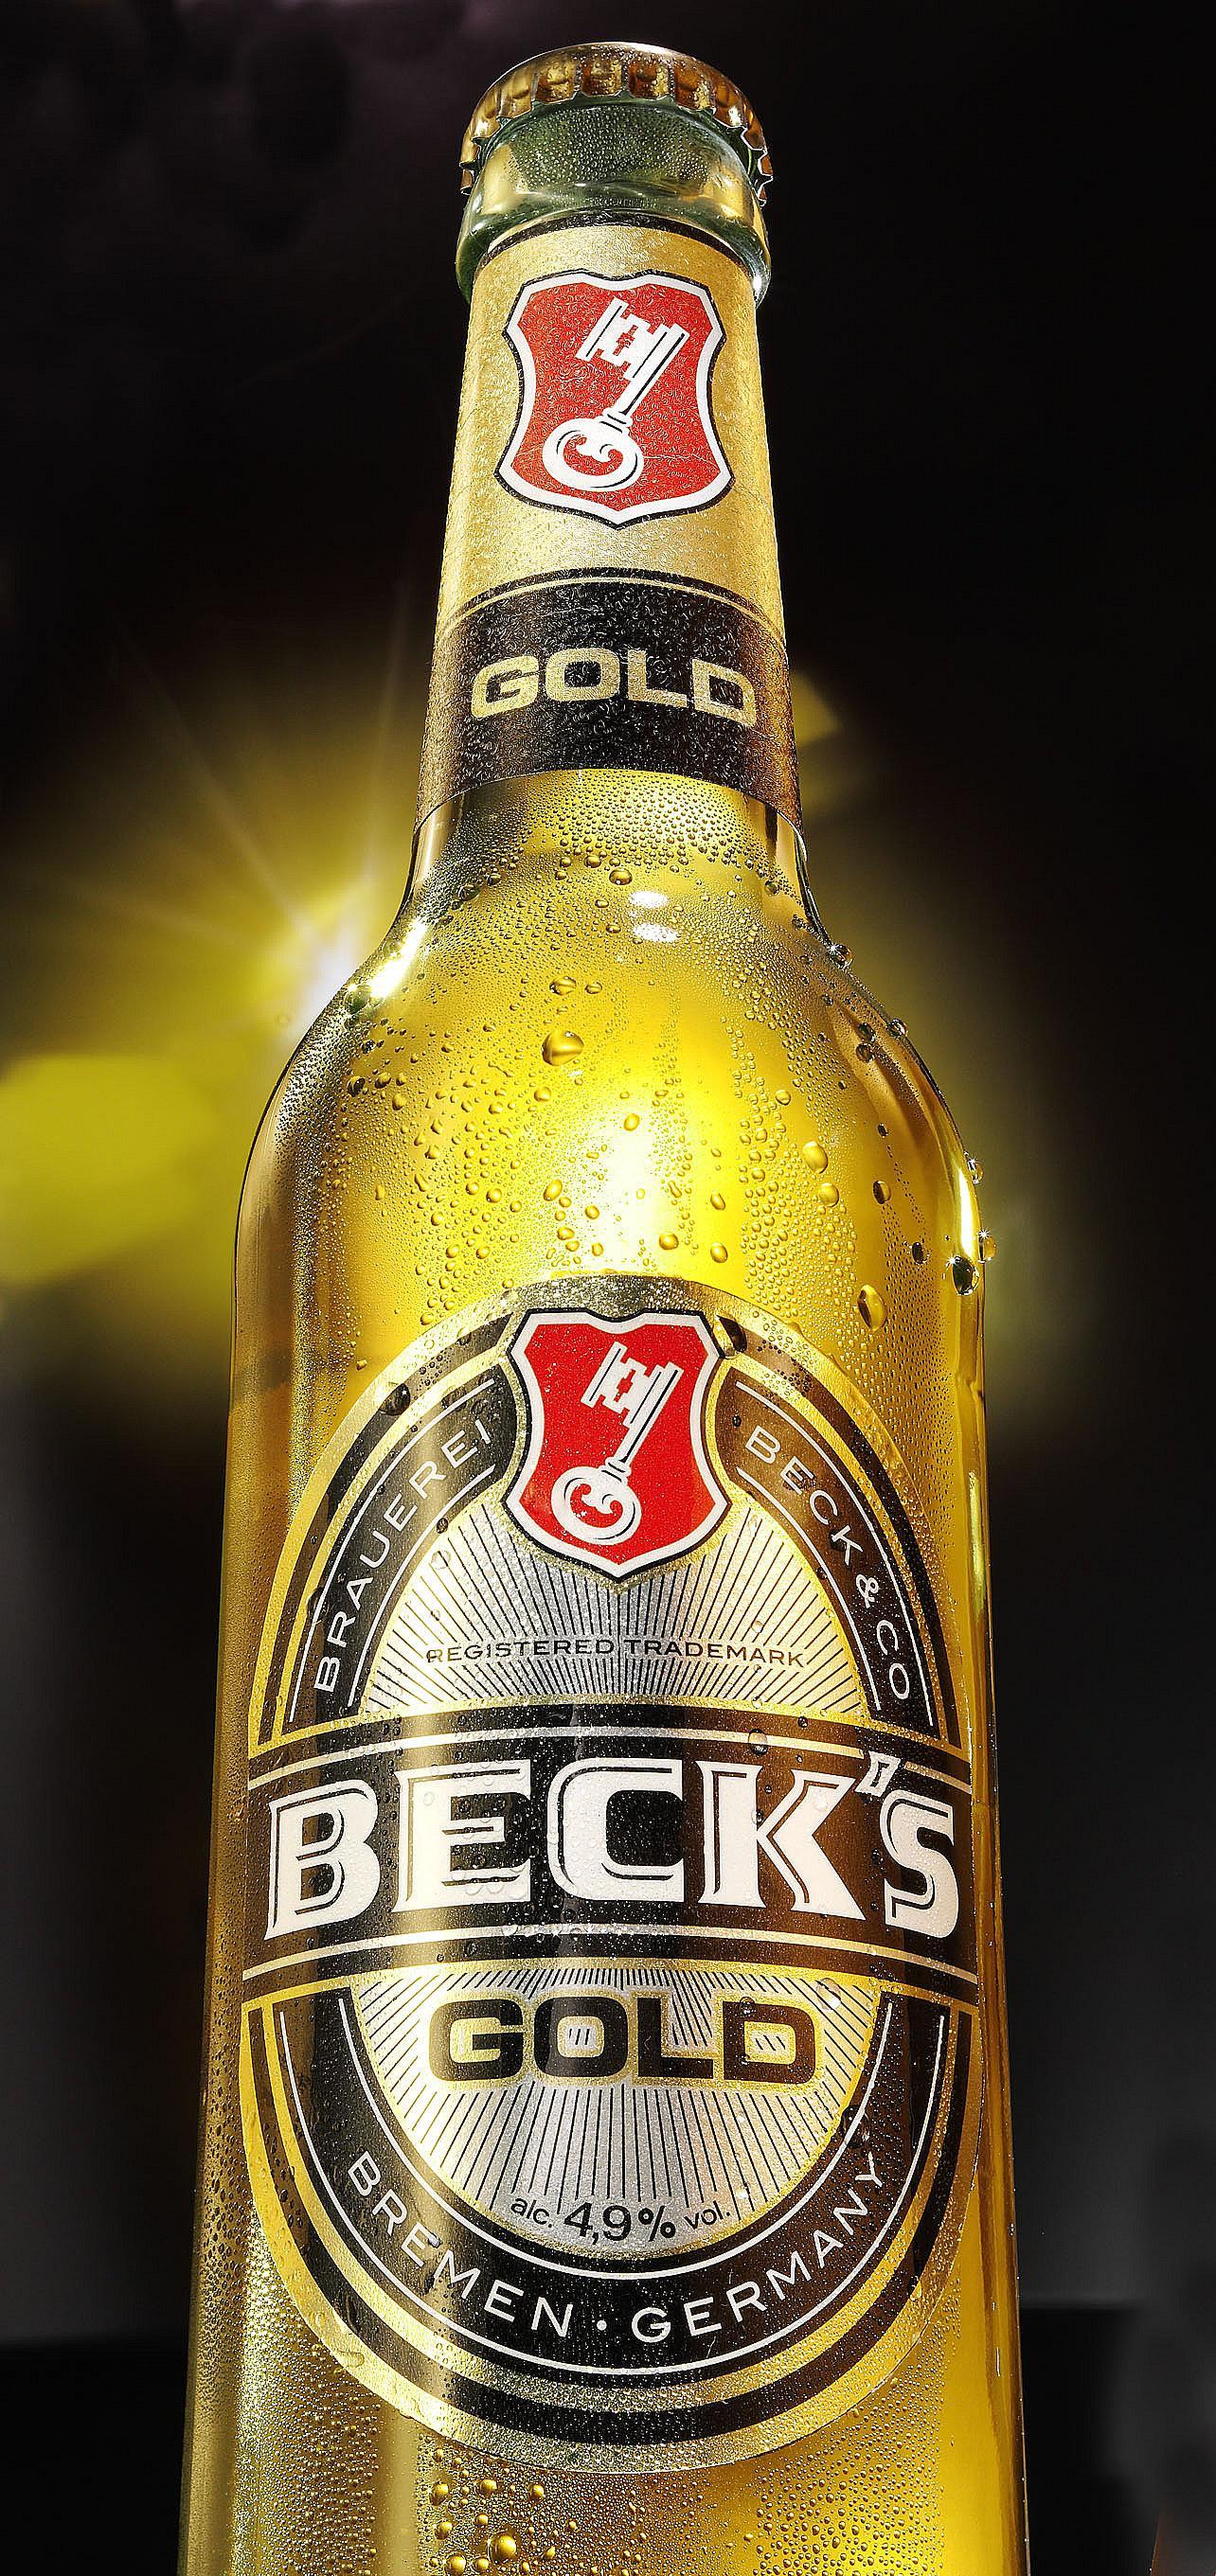 Becks Gold Flasche mit Untersicht